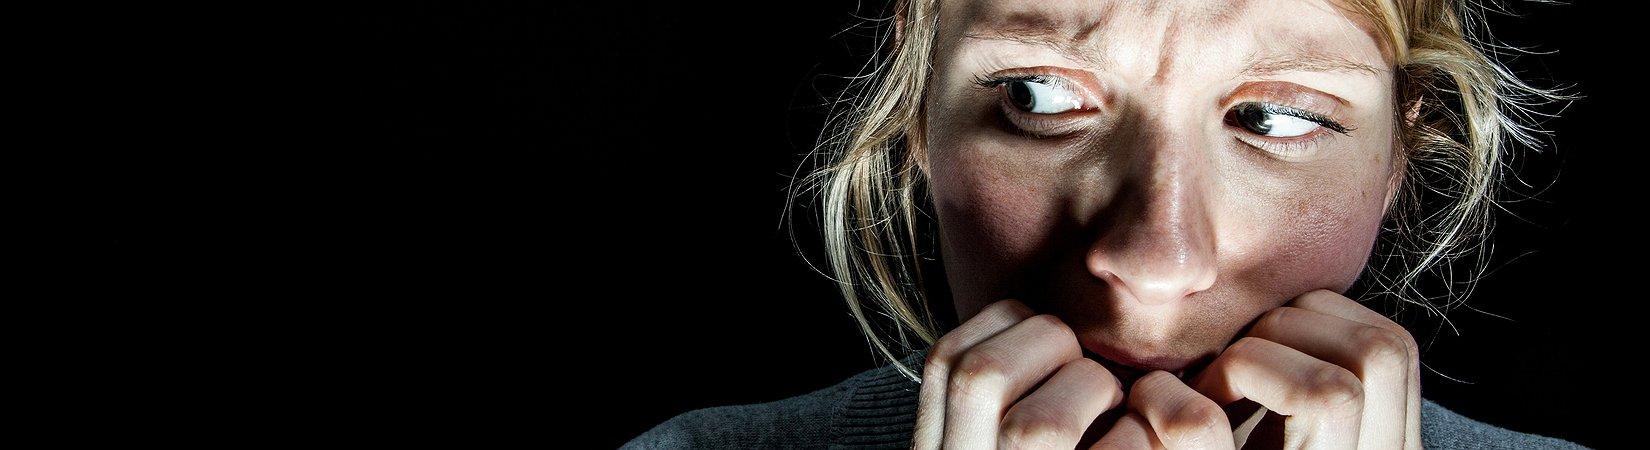 Die unglaublichsten Phobien der Menschen